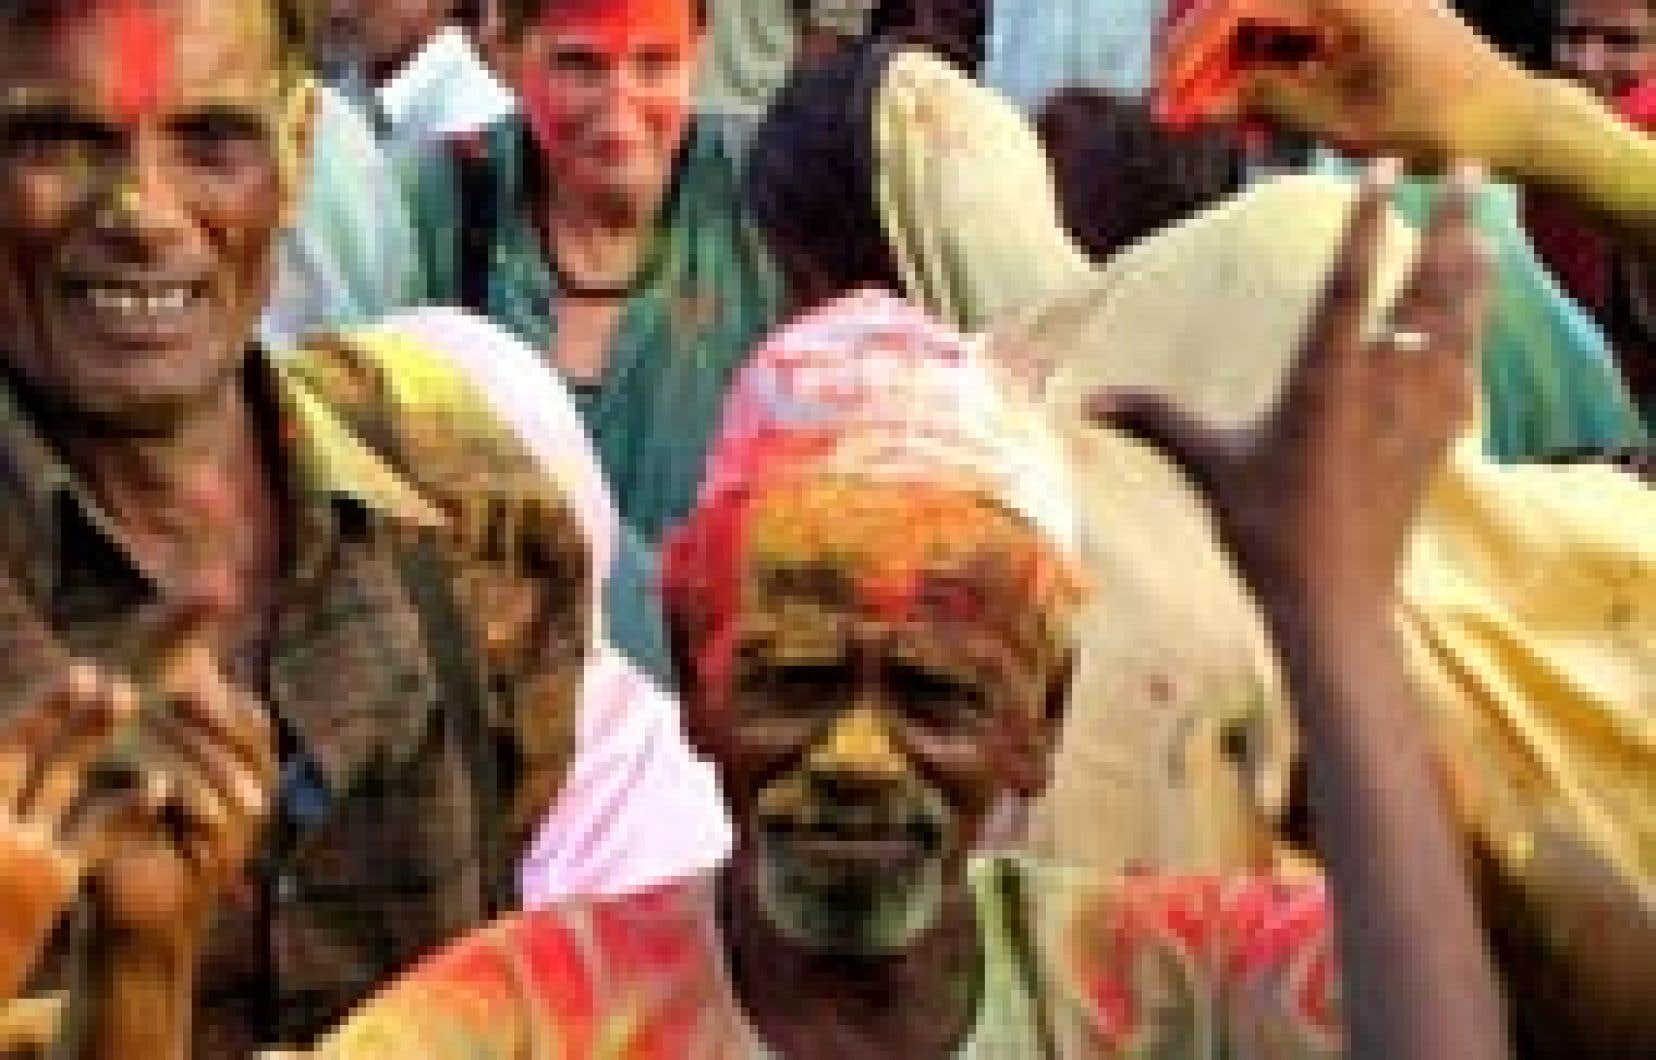 Des victimes de la tragédie de Bhopal, en Inde, ont célébré hier leur victoire près de l'usine de l'Union Carbide, à l'origine, il y a près de vingt ans, d'une fuite de gaz mortelle dans l'environnement.